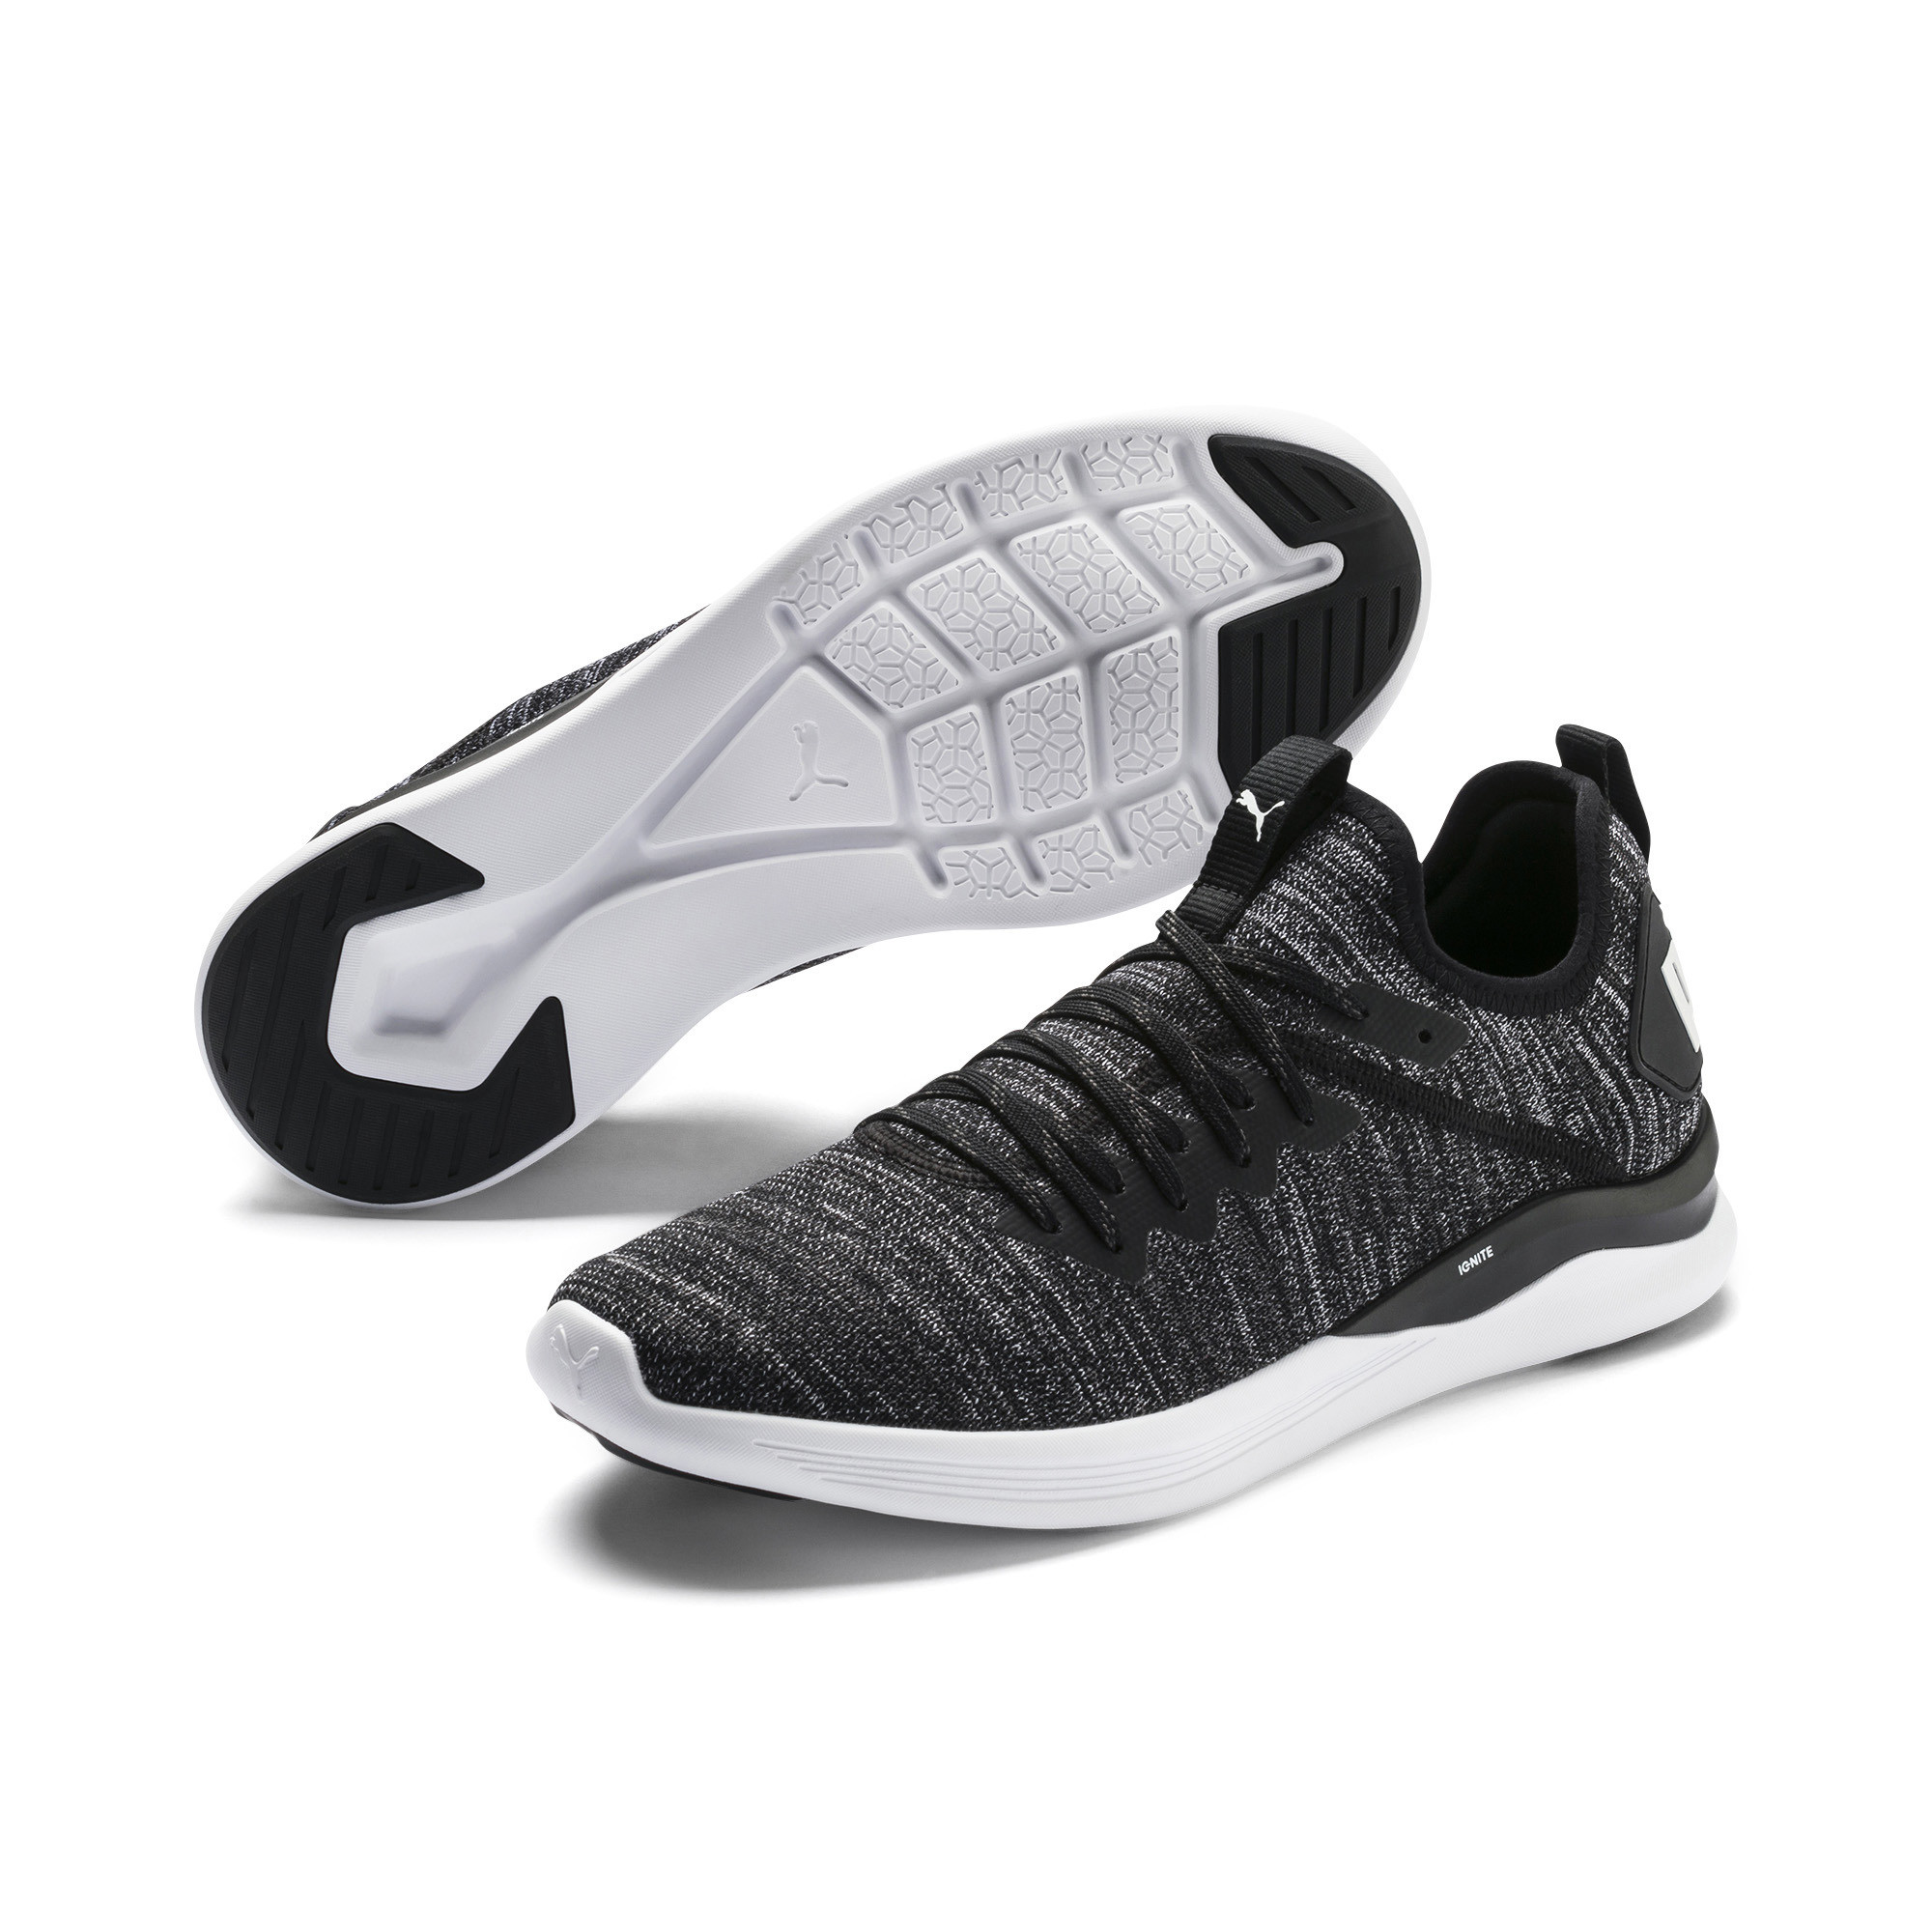 Zu Herren Schuhe Laufen Neu Ignite Sneaker Puma Flash Männer Details Evoknit WED9Ibe2YH